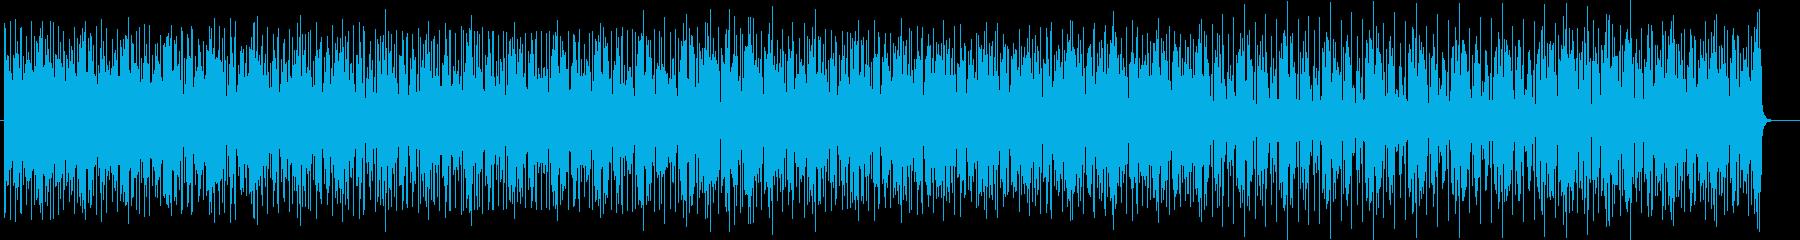 アーバンなちょっと怪しげな和風サウンドの再生済みの波形